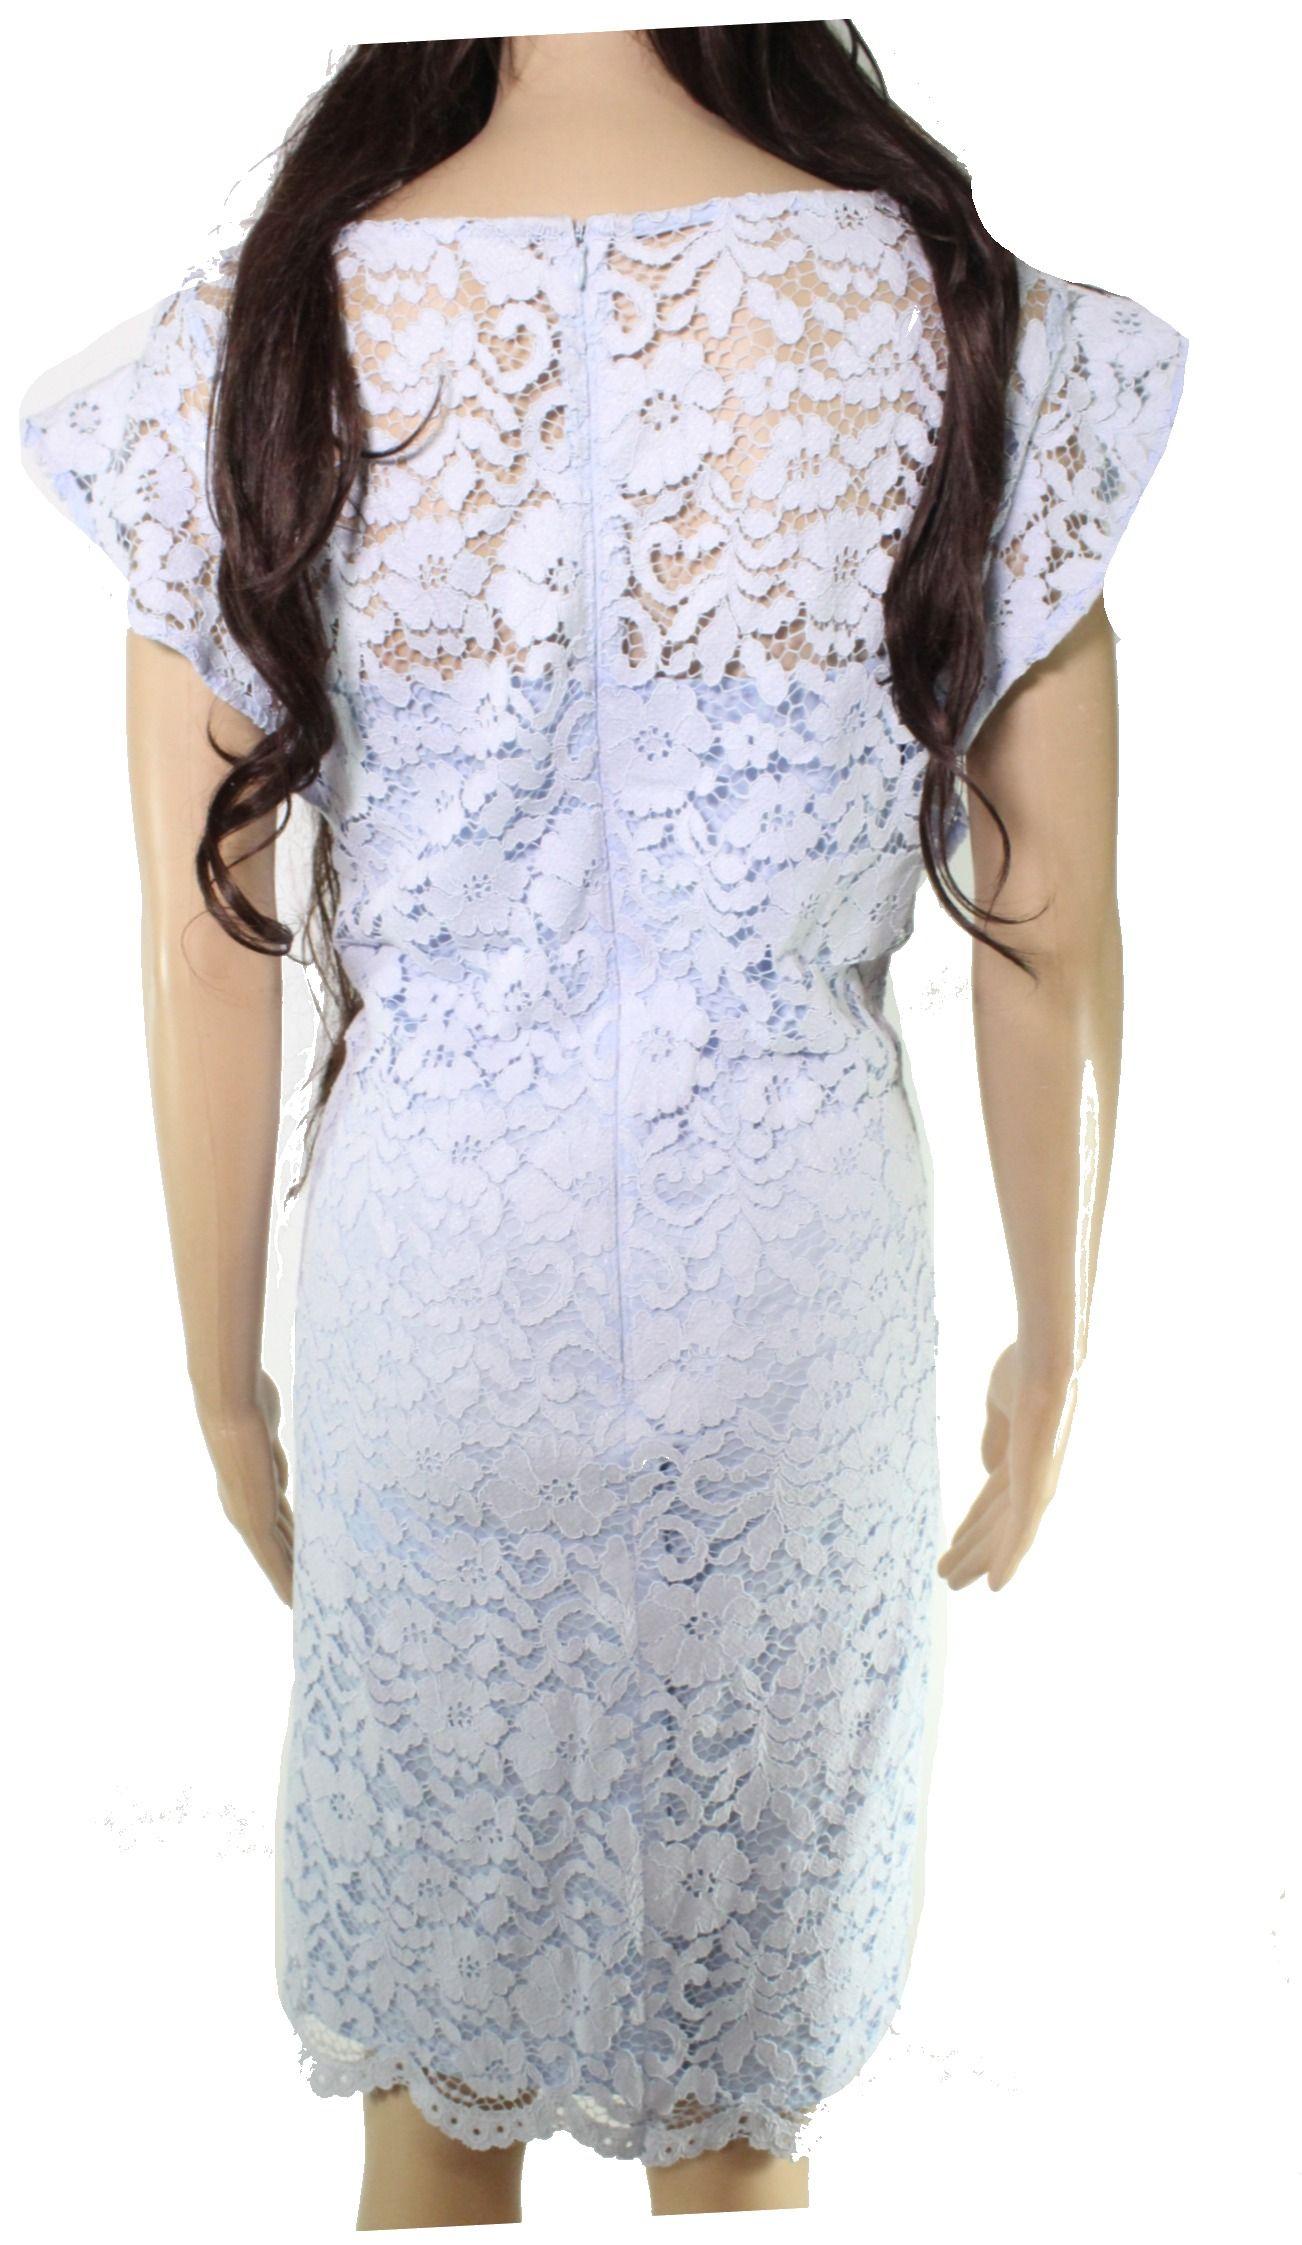 Lauren by Ralph Lauren Womens Dress Sky Blue Size 4 Sheath Lace Floral